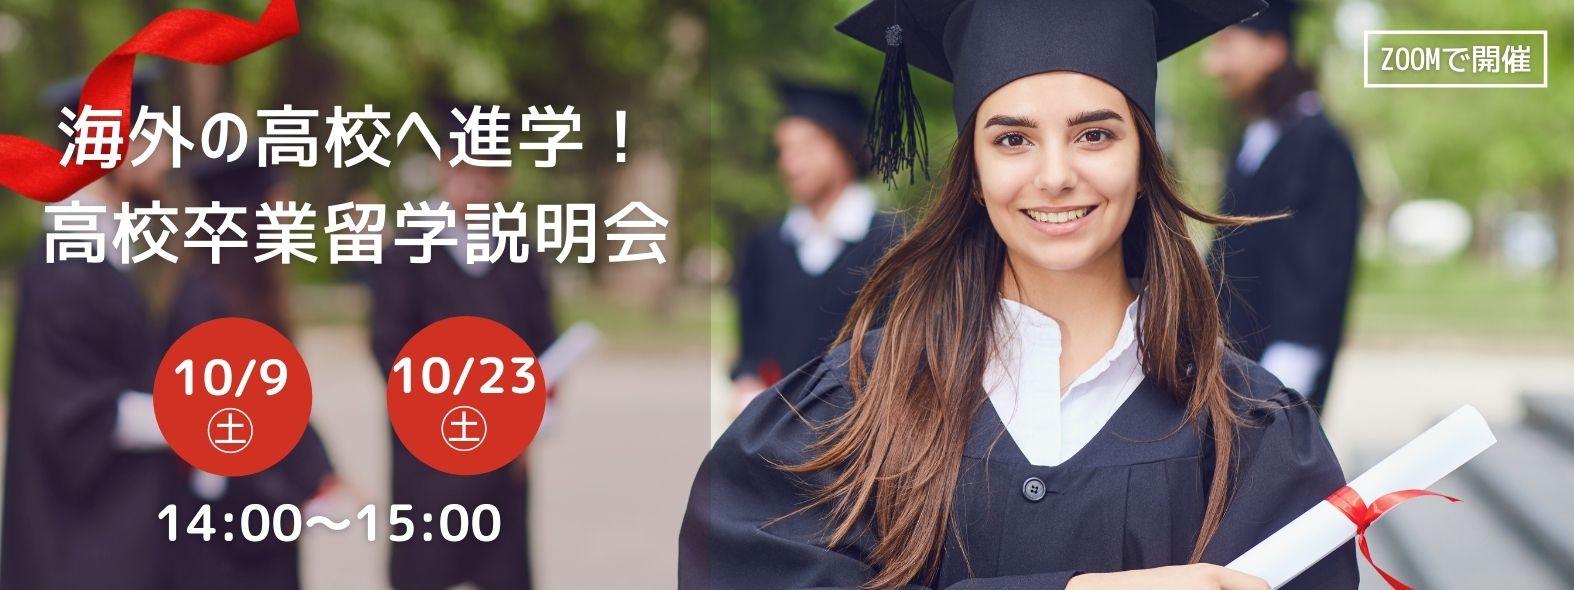 海外の高校へ進学!高校卒業留学説明会